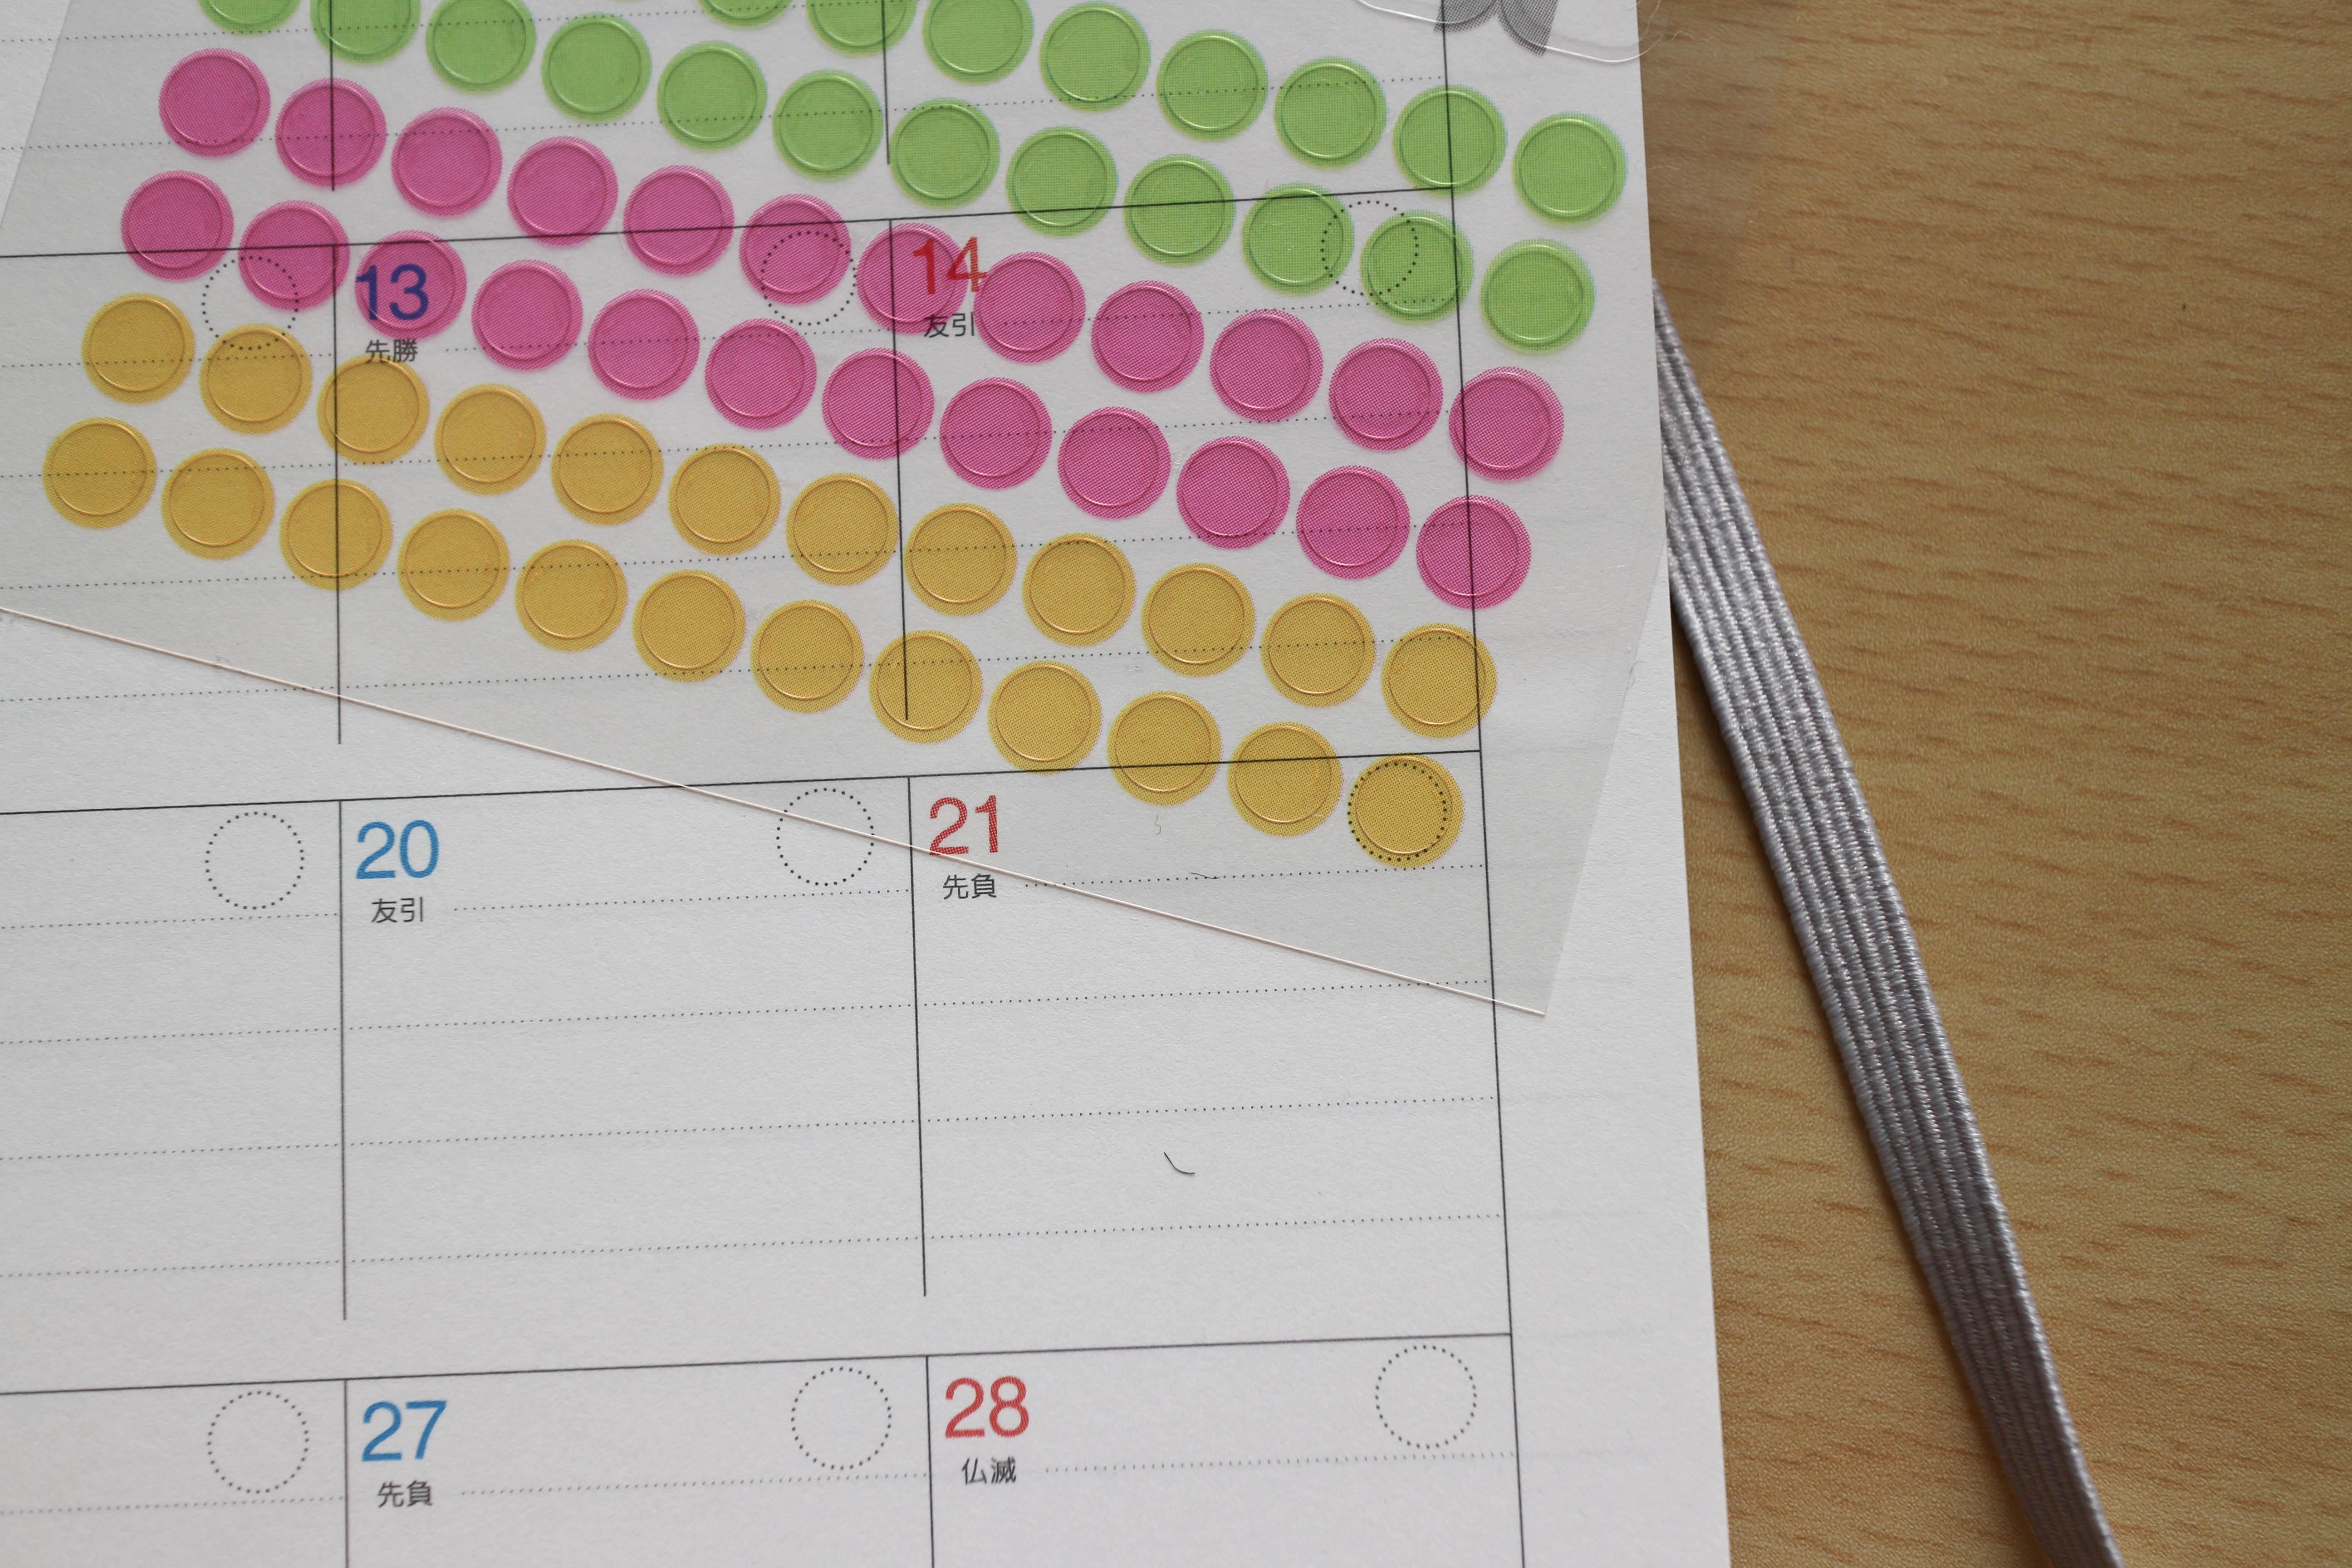 カレンダーにシールを合わせたところ